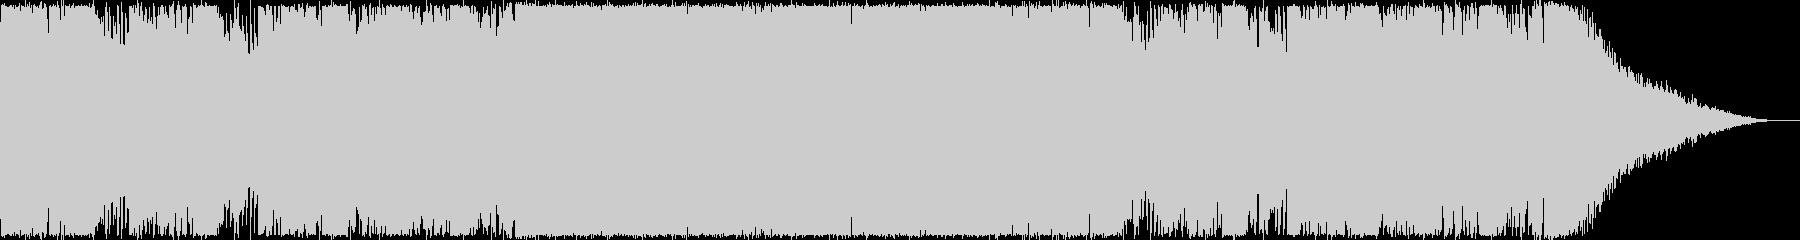 オープニング・おしゃれなトロピカルハウスの未再生の波形